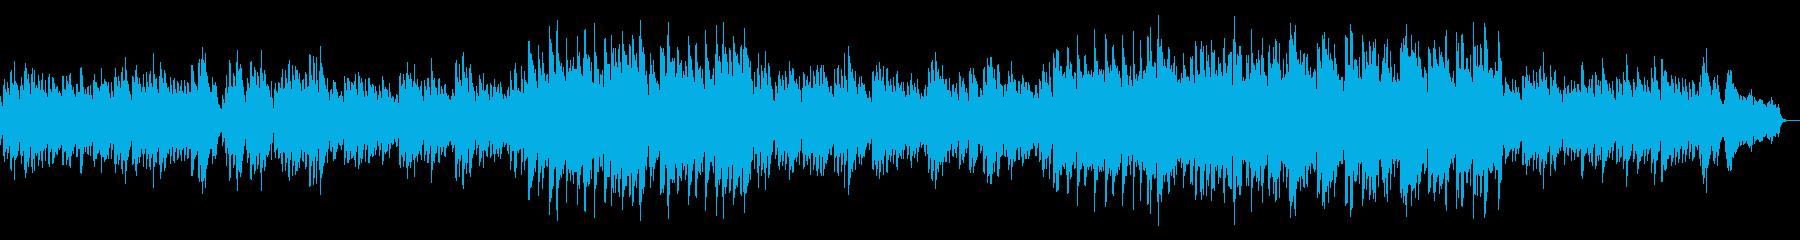 ほのぼのした雰囲気のピアノソロの再生済みの波形